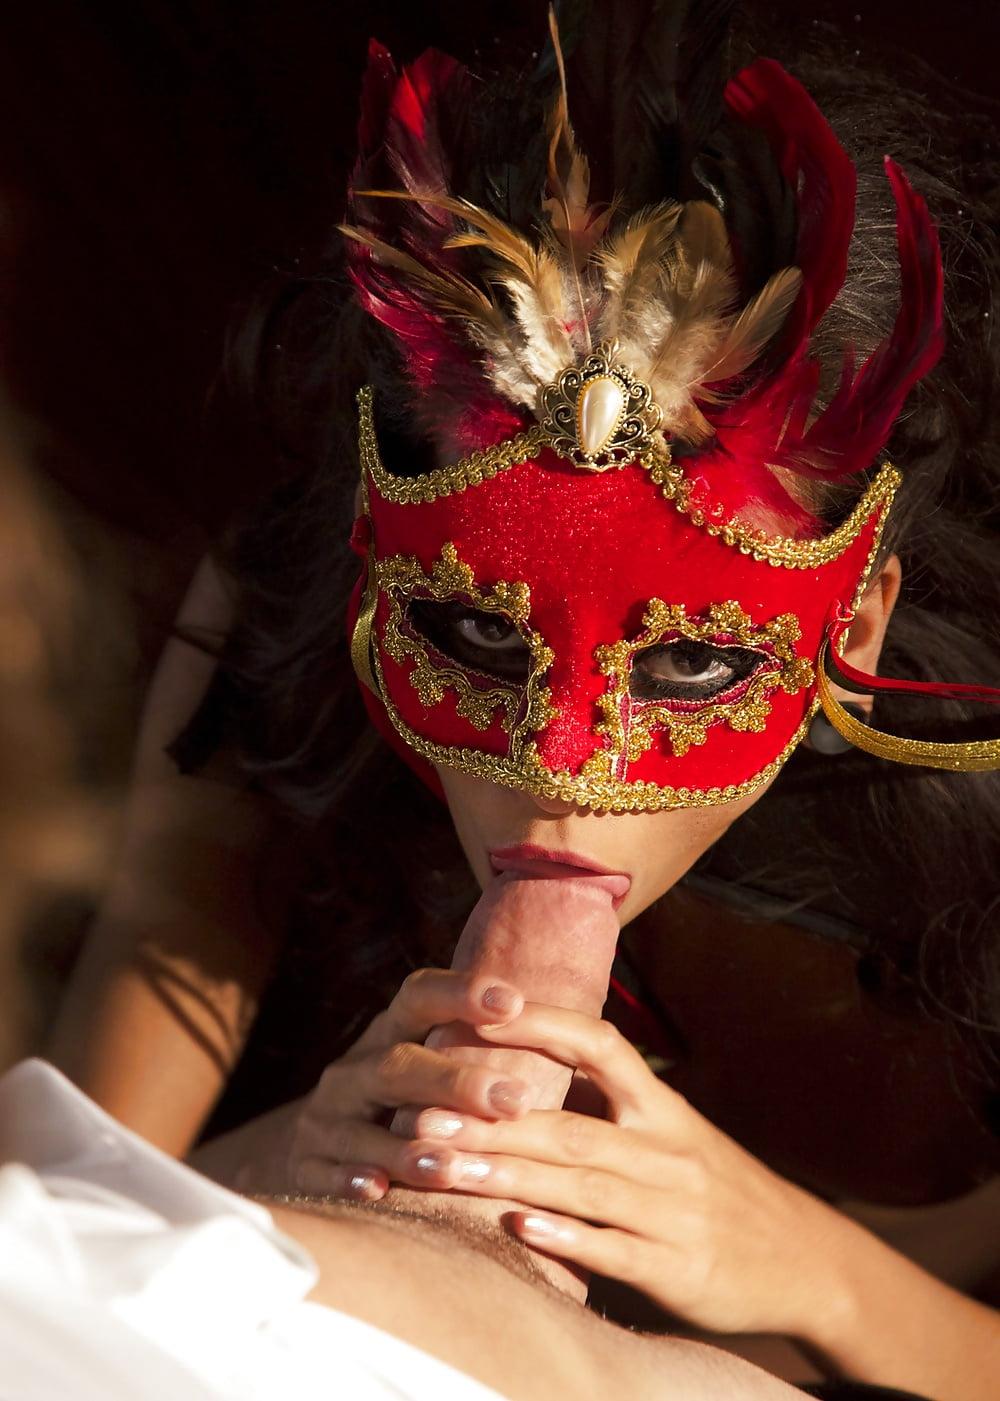 Лесби секс маскарад видео